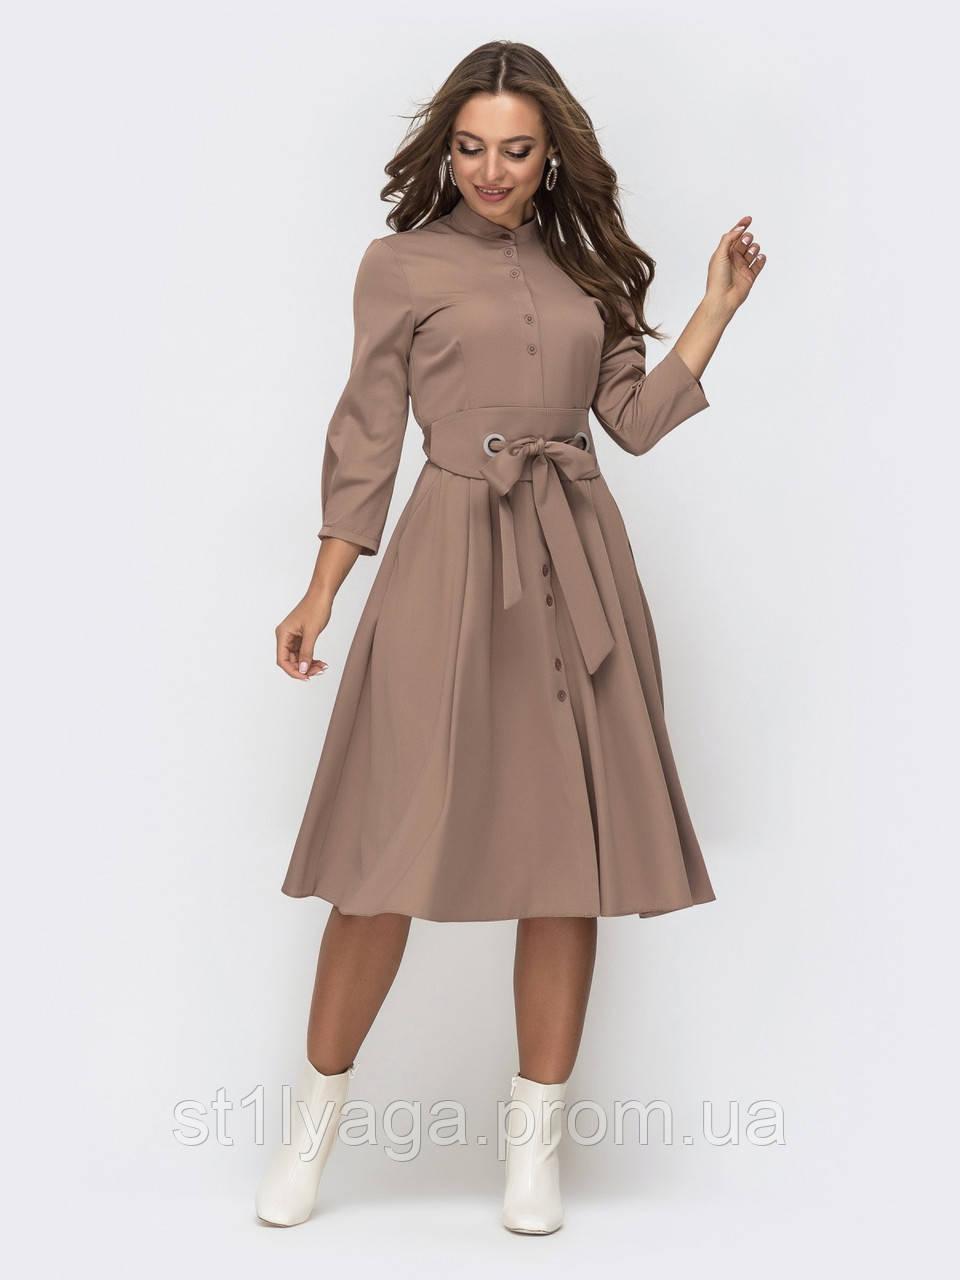 Расклешенное однотонное платье длиной миди с поясом